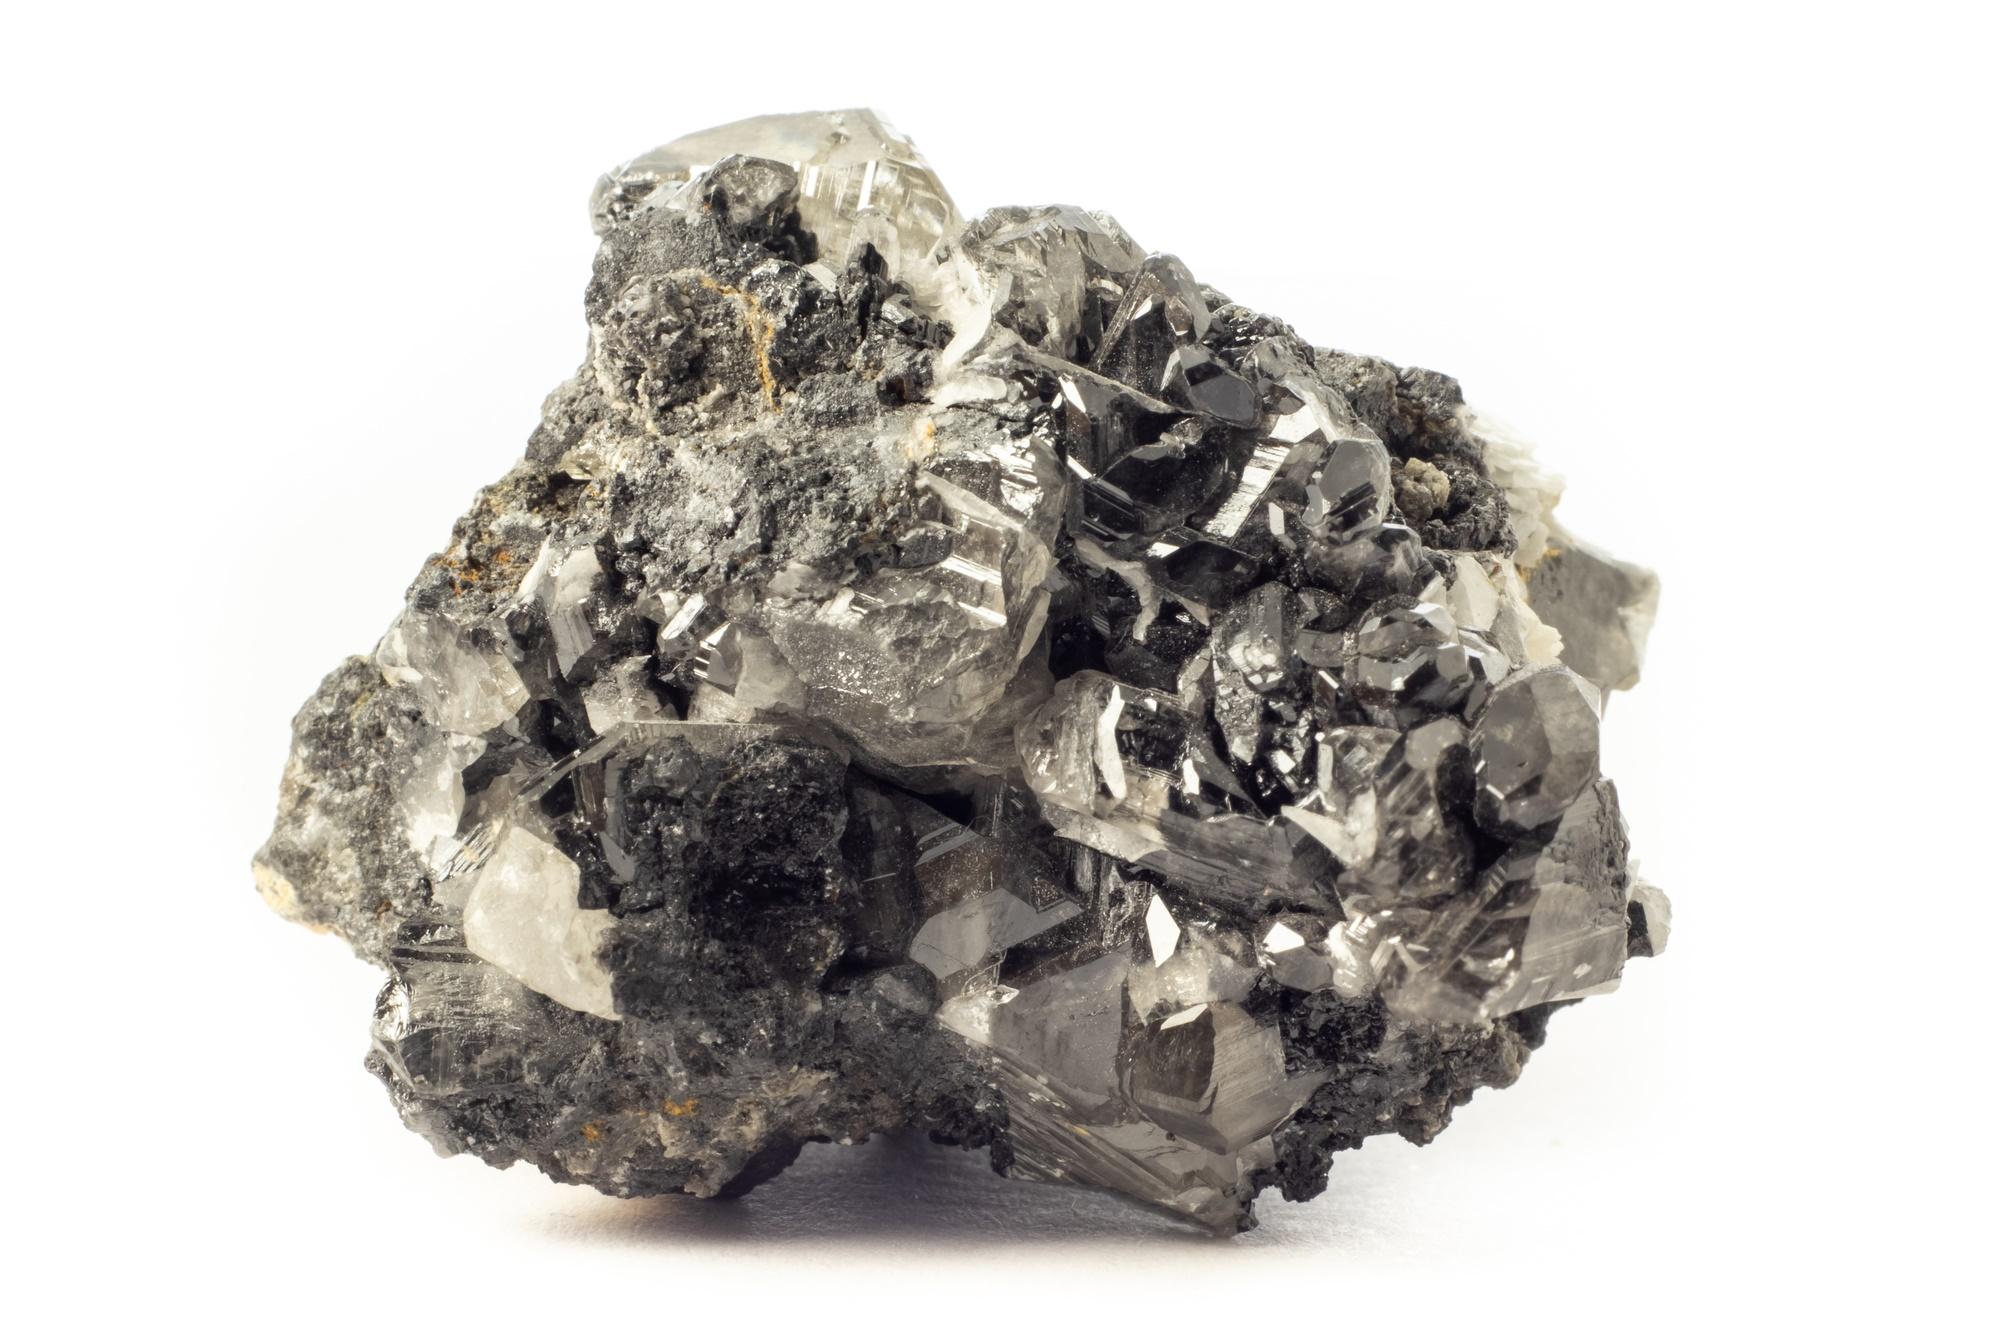 """גוש גולמי של קרוסייט ממרוקו. נלקח ממאגר התמונות """"דפוזיט"""". Rock of cerussite mineral from Marocco"""